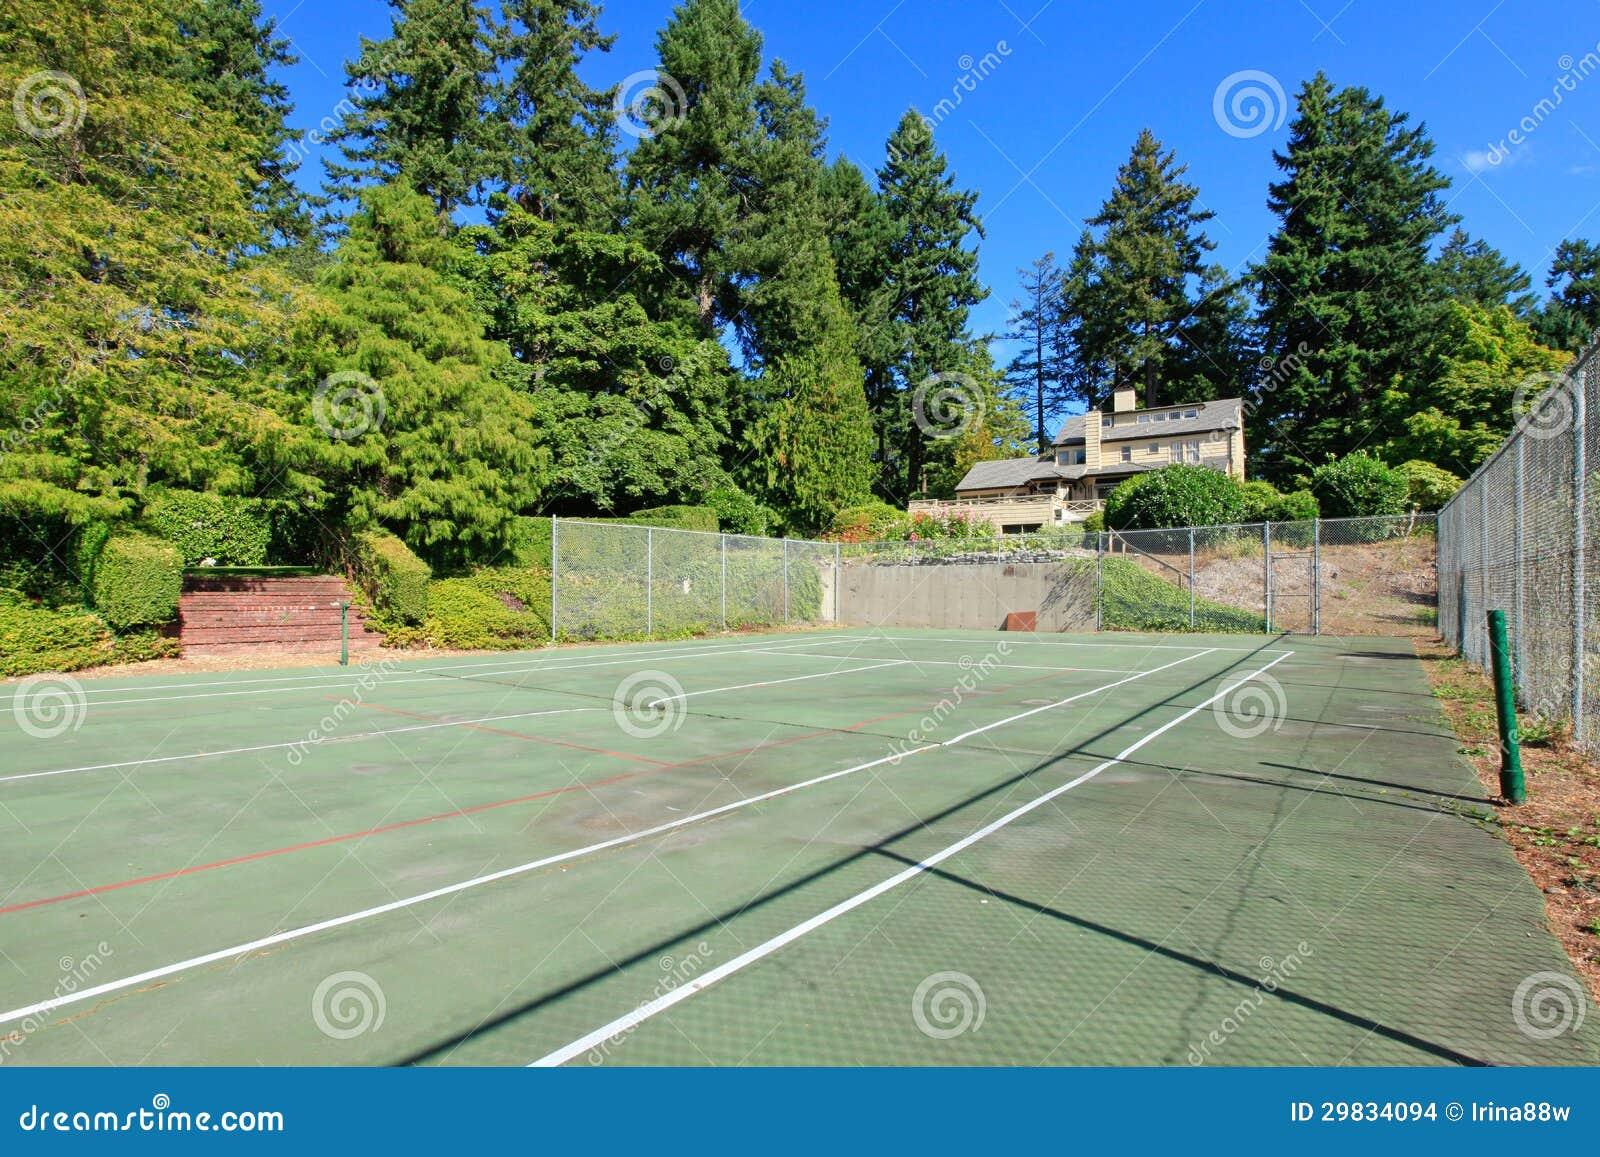 Casa marrom do wuth do campo de ténis grande exterior com jardim do verão.